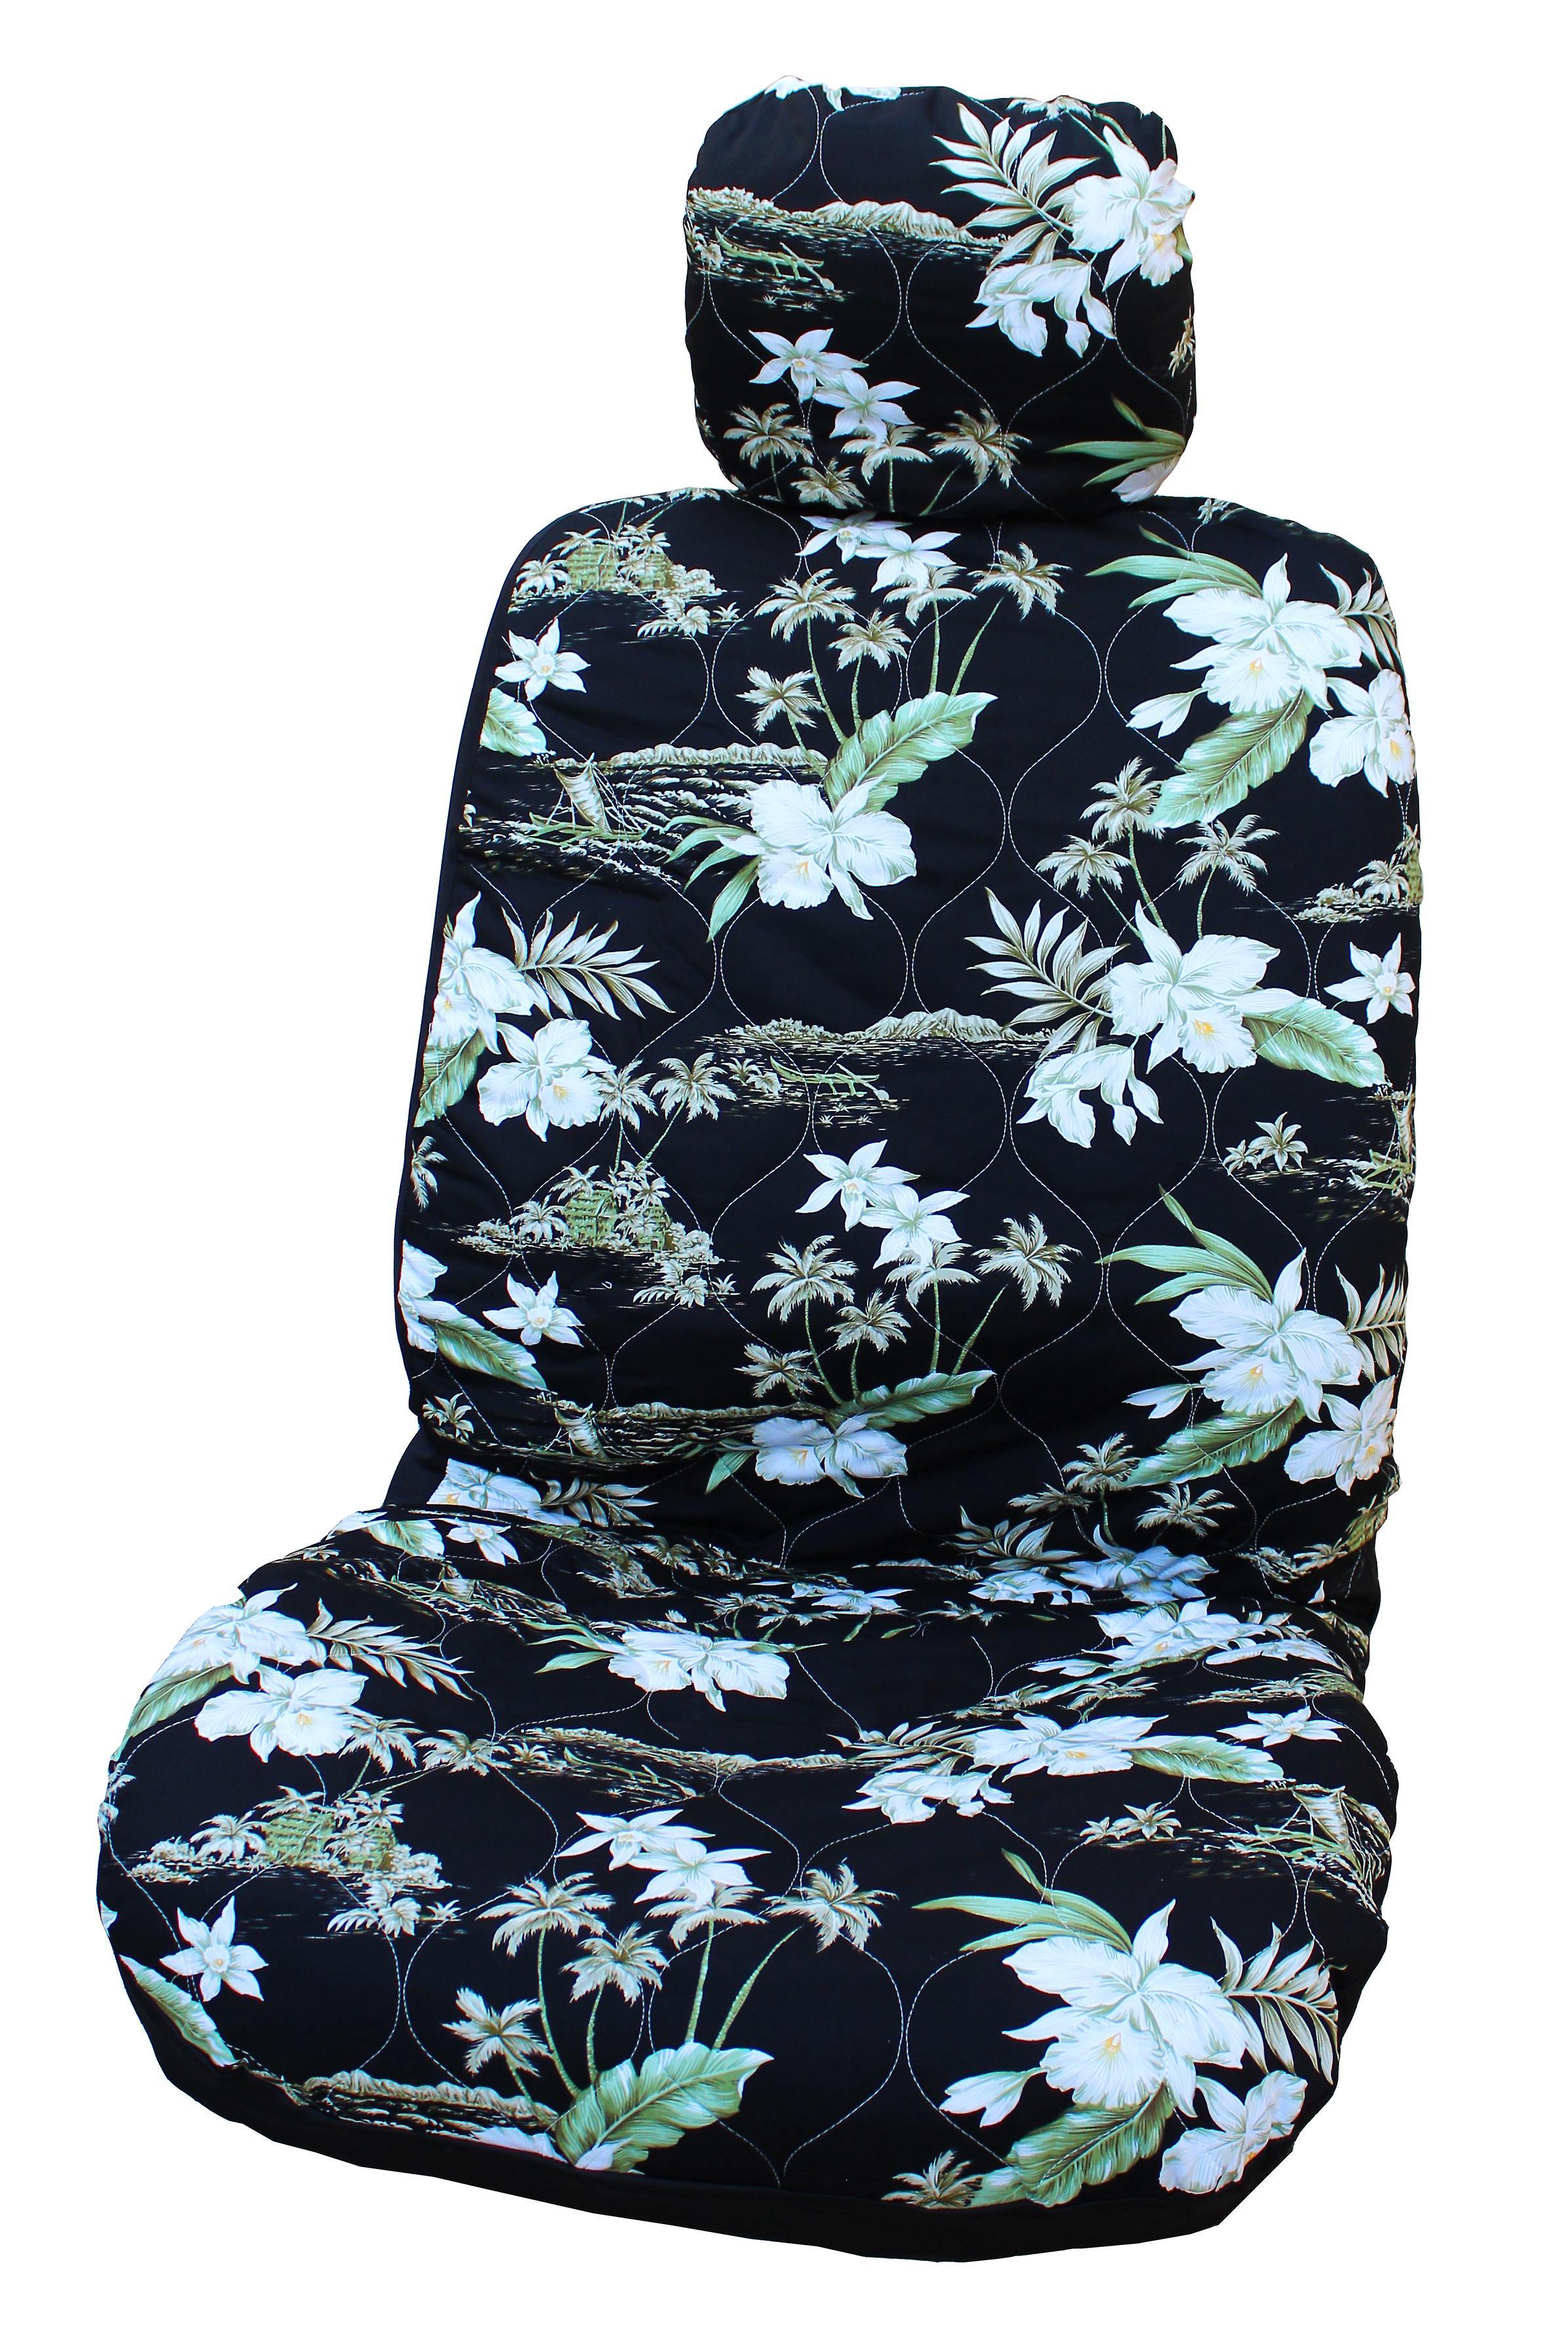 Side Airbag Optional; Orchid Hawaiian Hawaiian Car Seat Covers